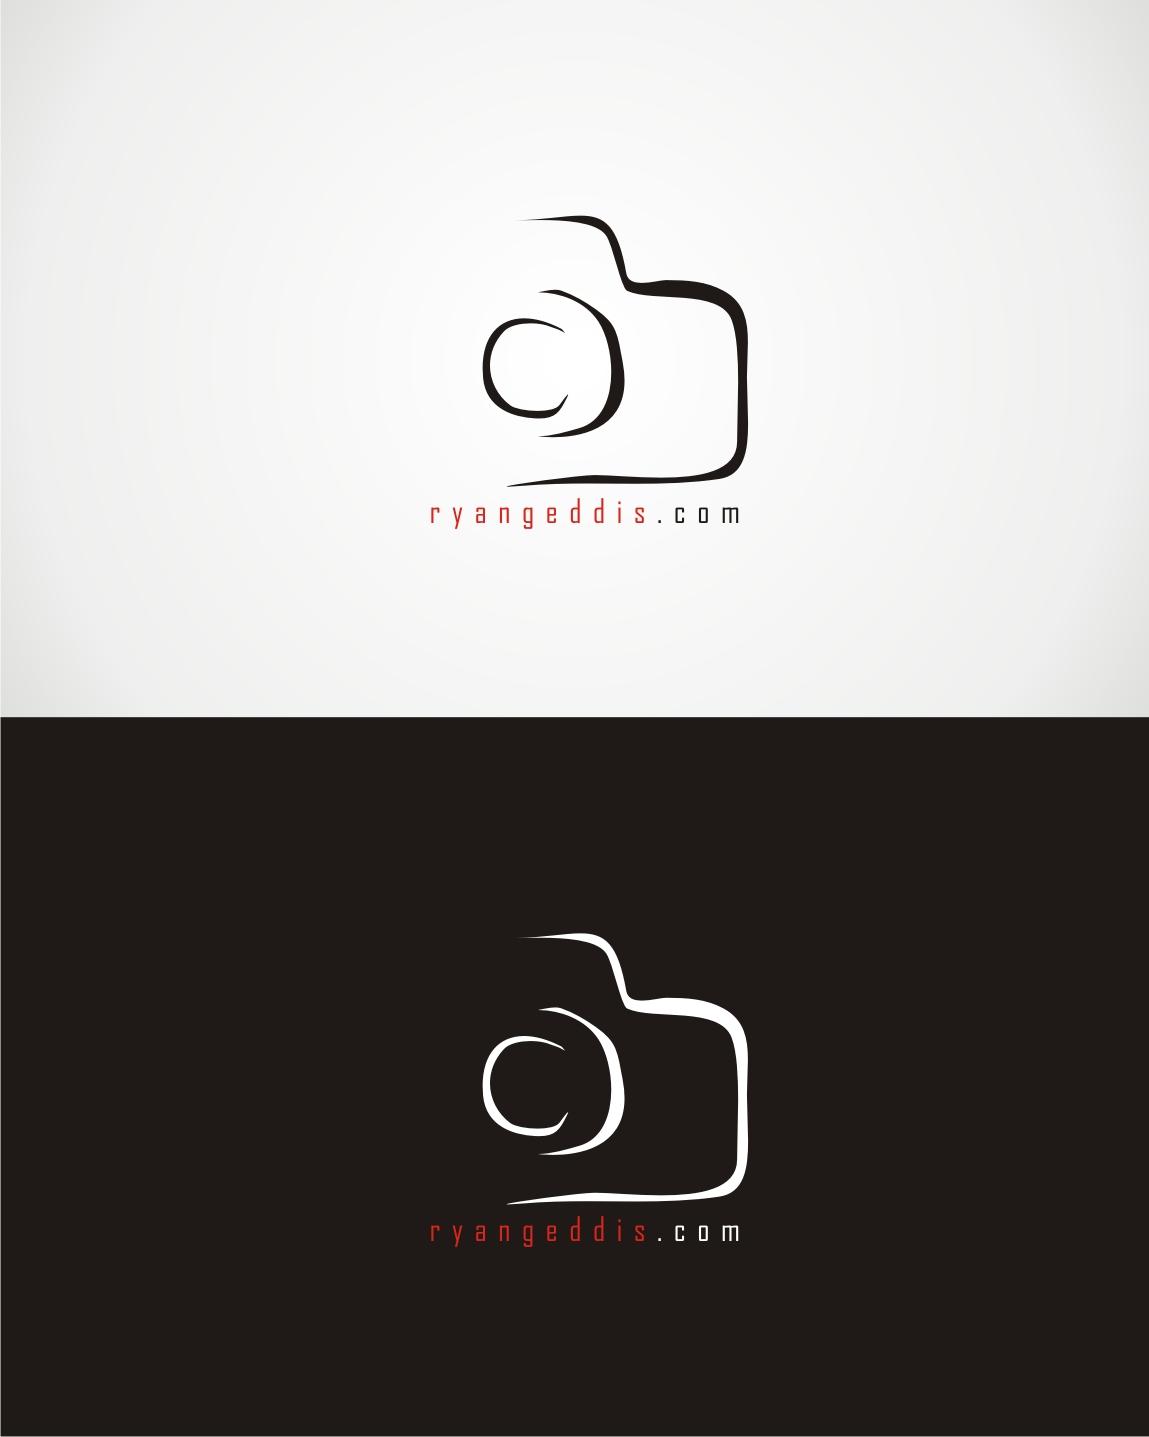 Camera Logo Design for ryangeddis.com by kamiranz.